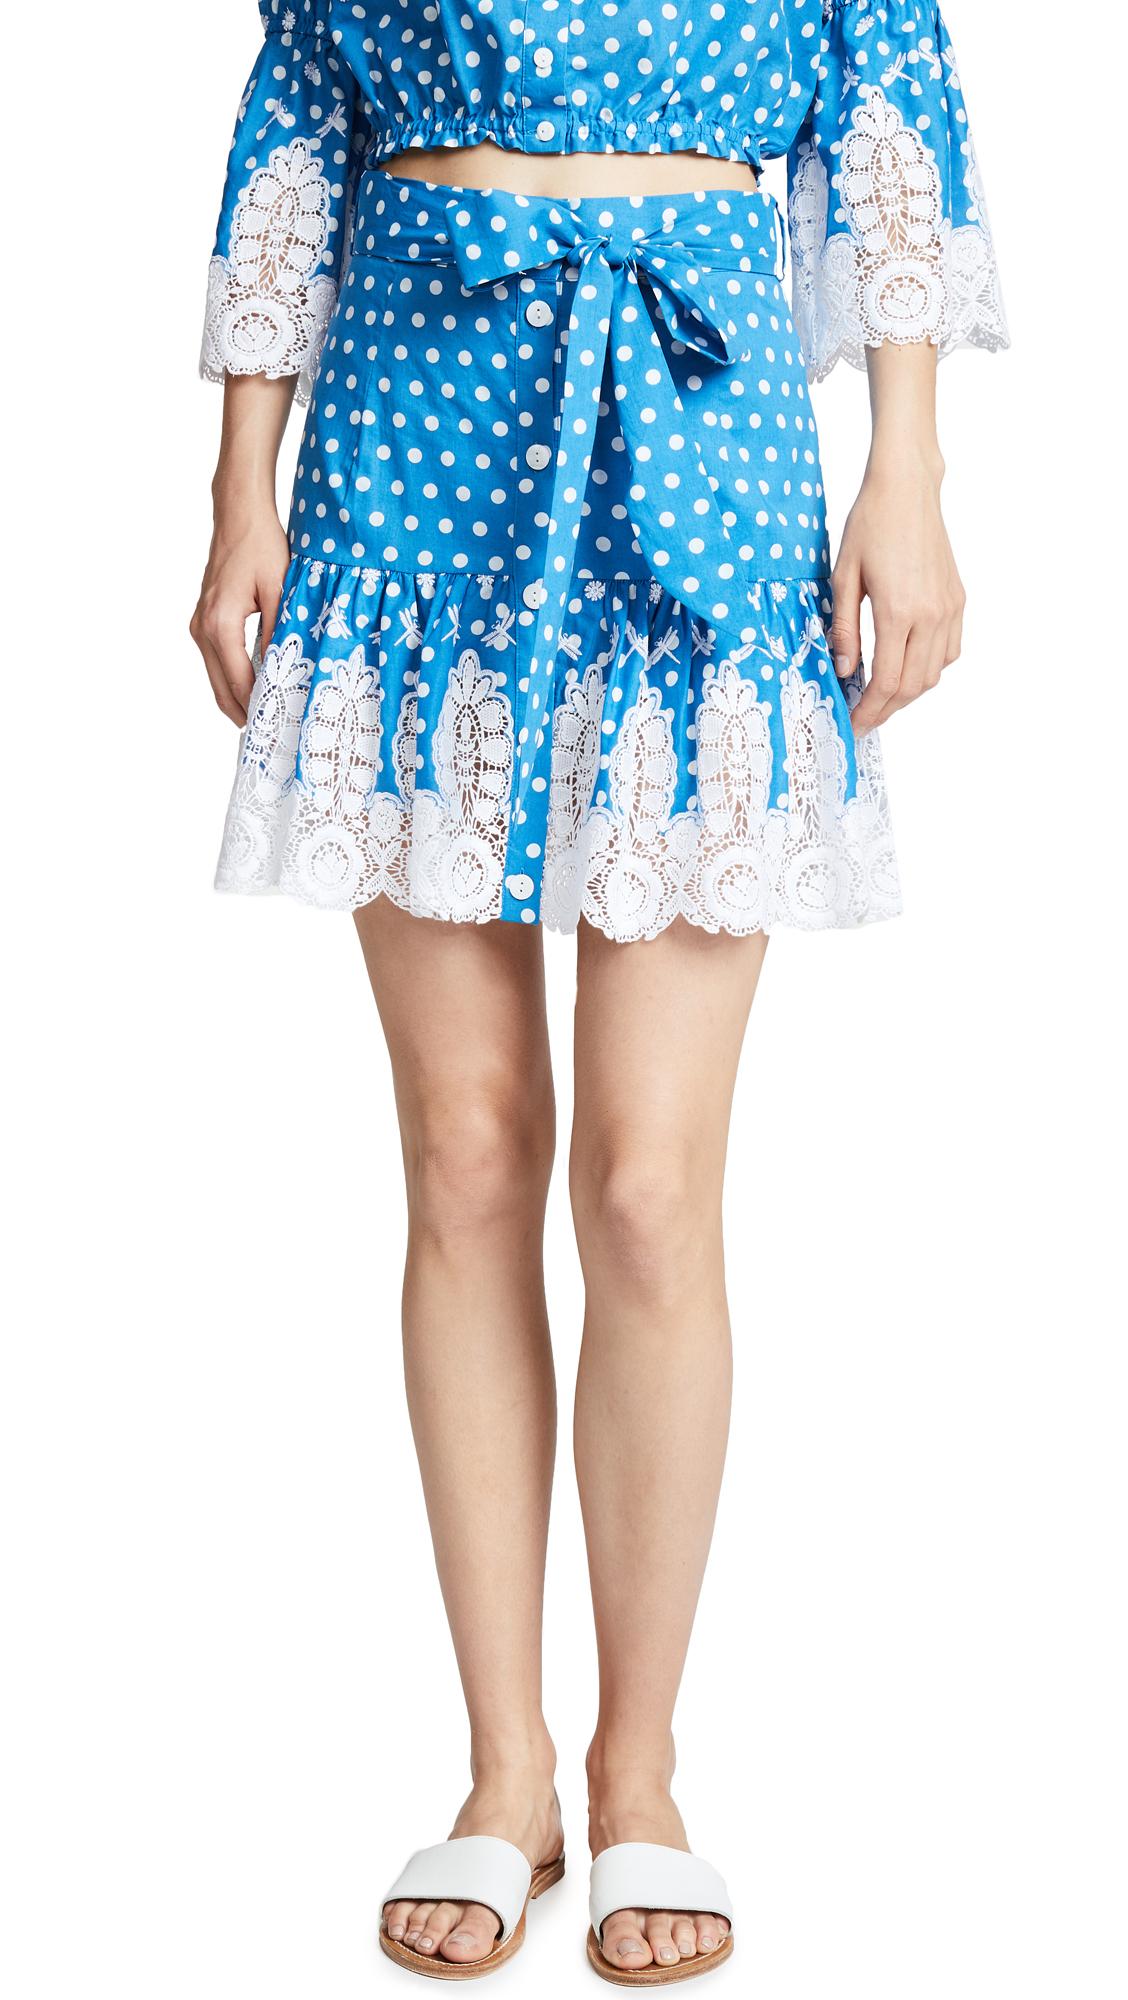 MIGUELINA Emy Skirt in Mediterranean Blue